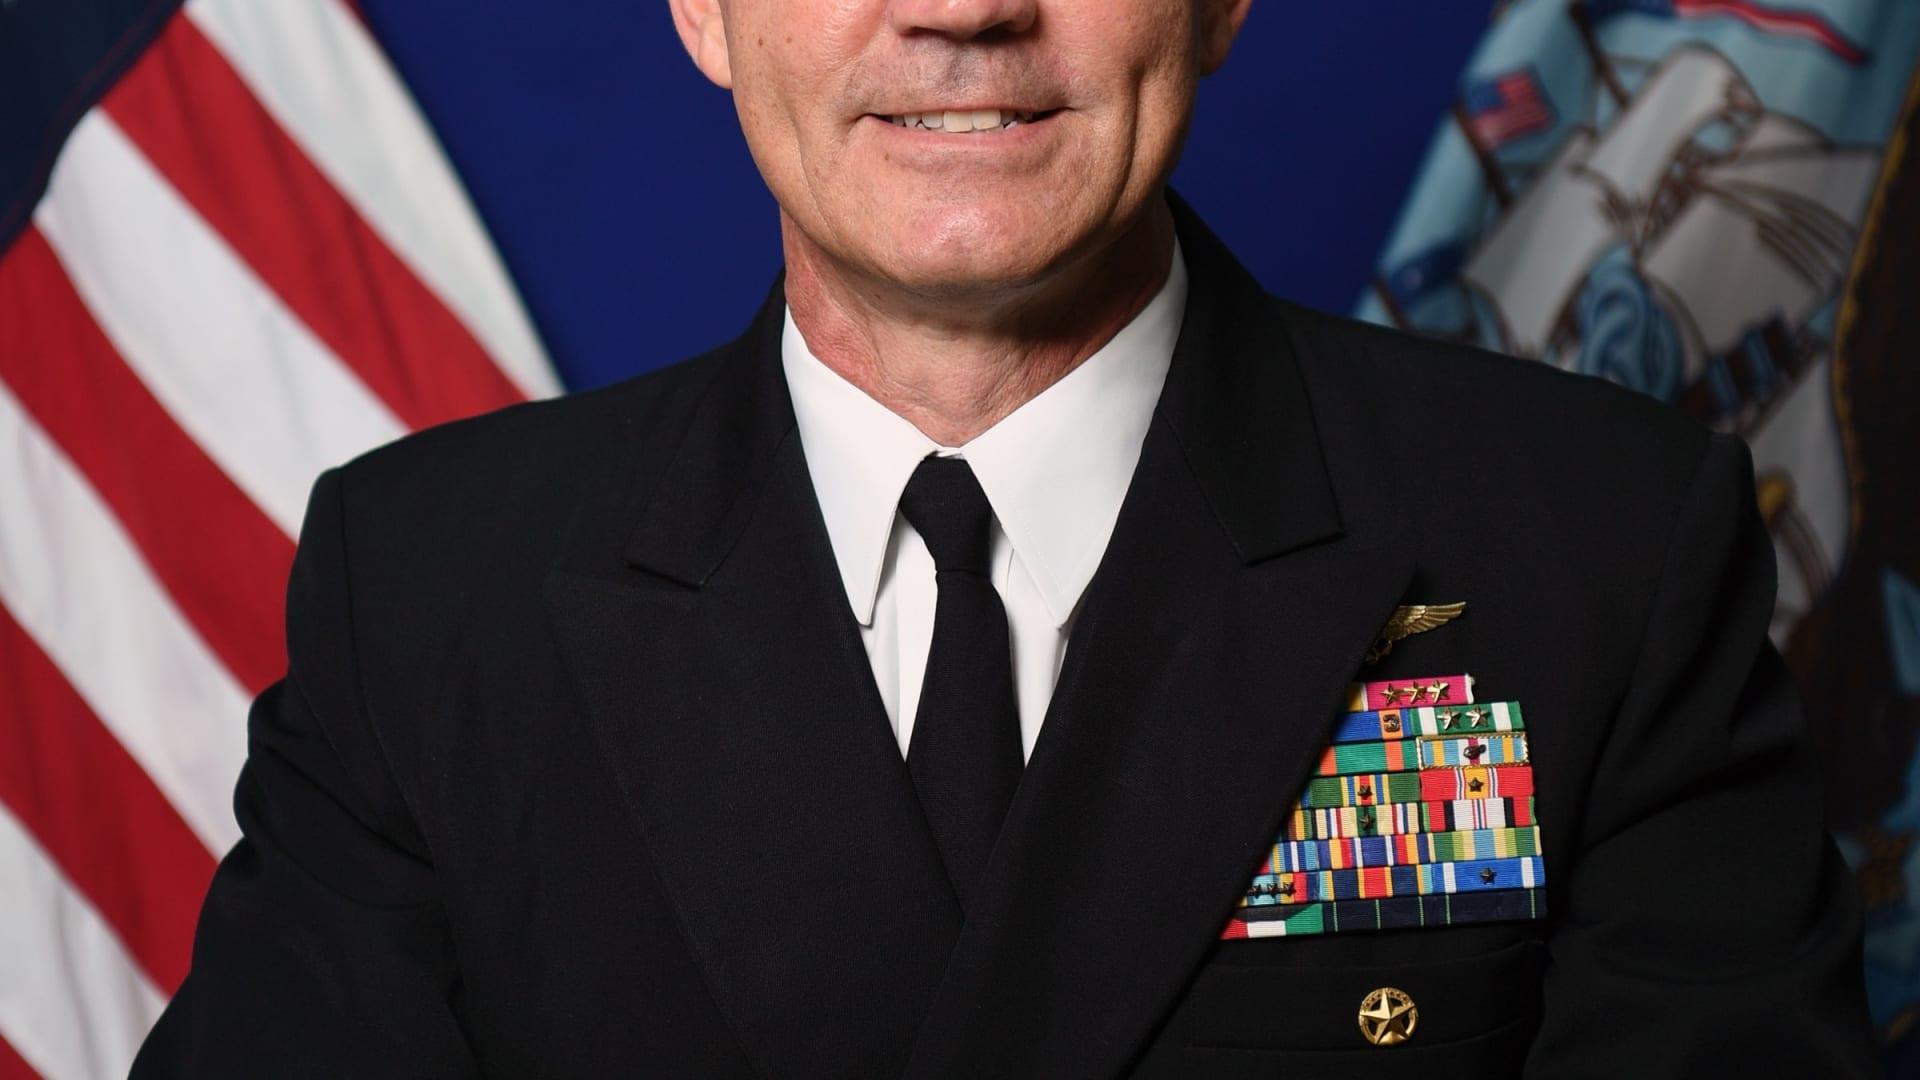 تحقيقات في البحرين بعد وفاة قائد البحرية الأمريكية بالمنطقة